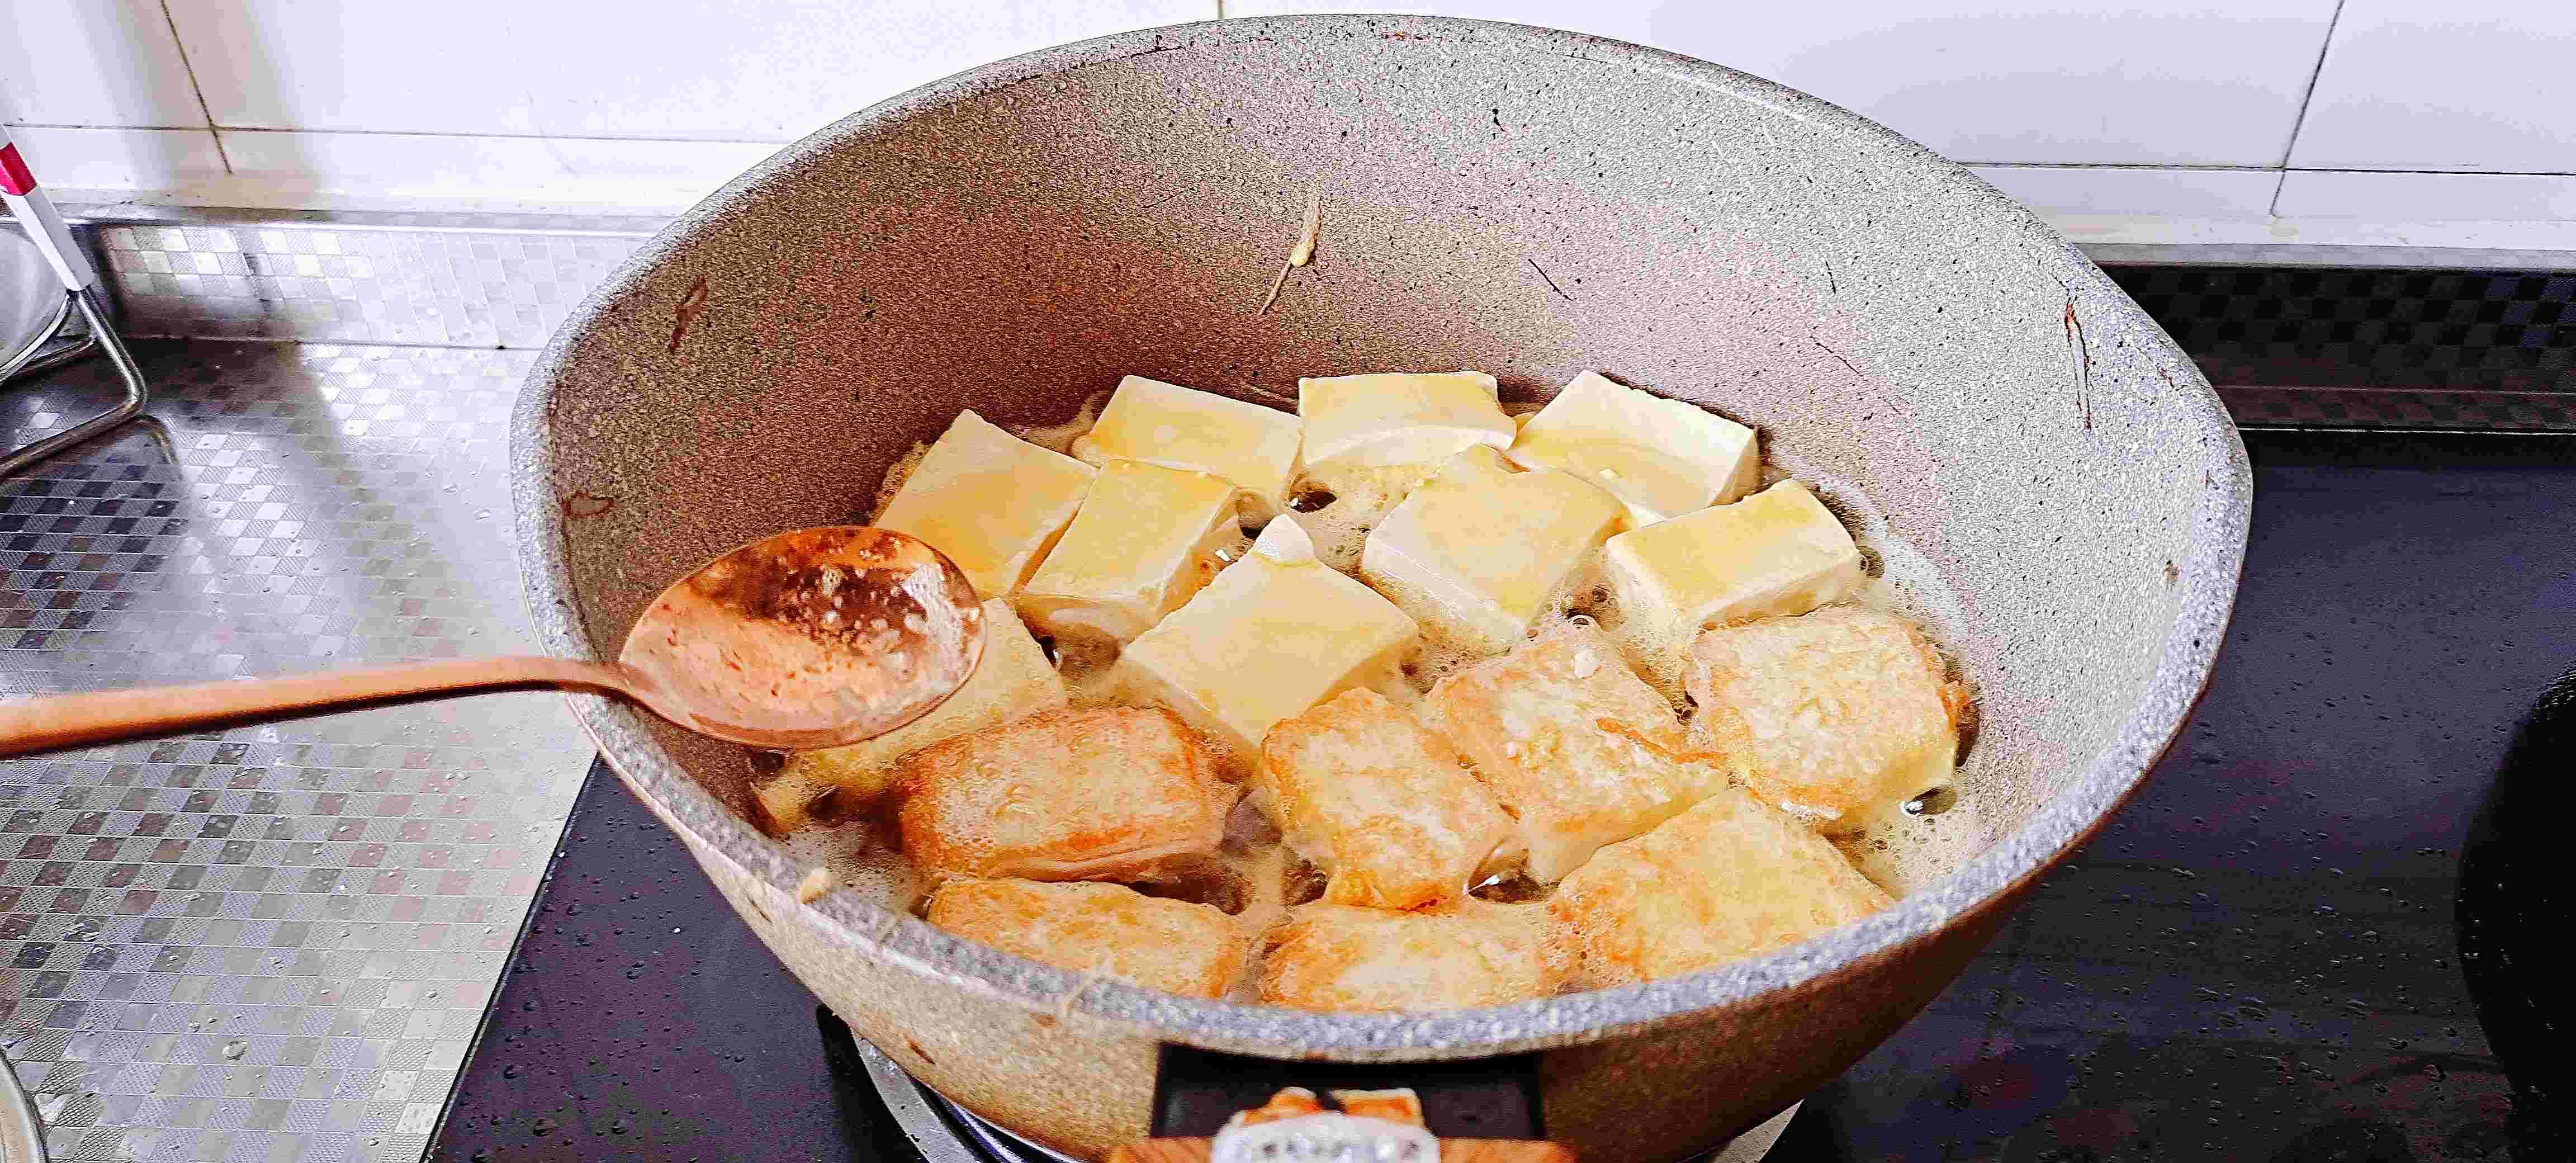 秋冬这样吃豆腐,暖身又下饭…金针豆腐煲怎么吃